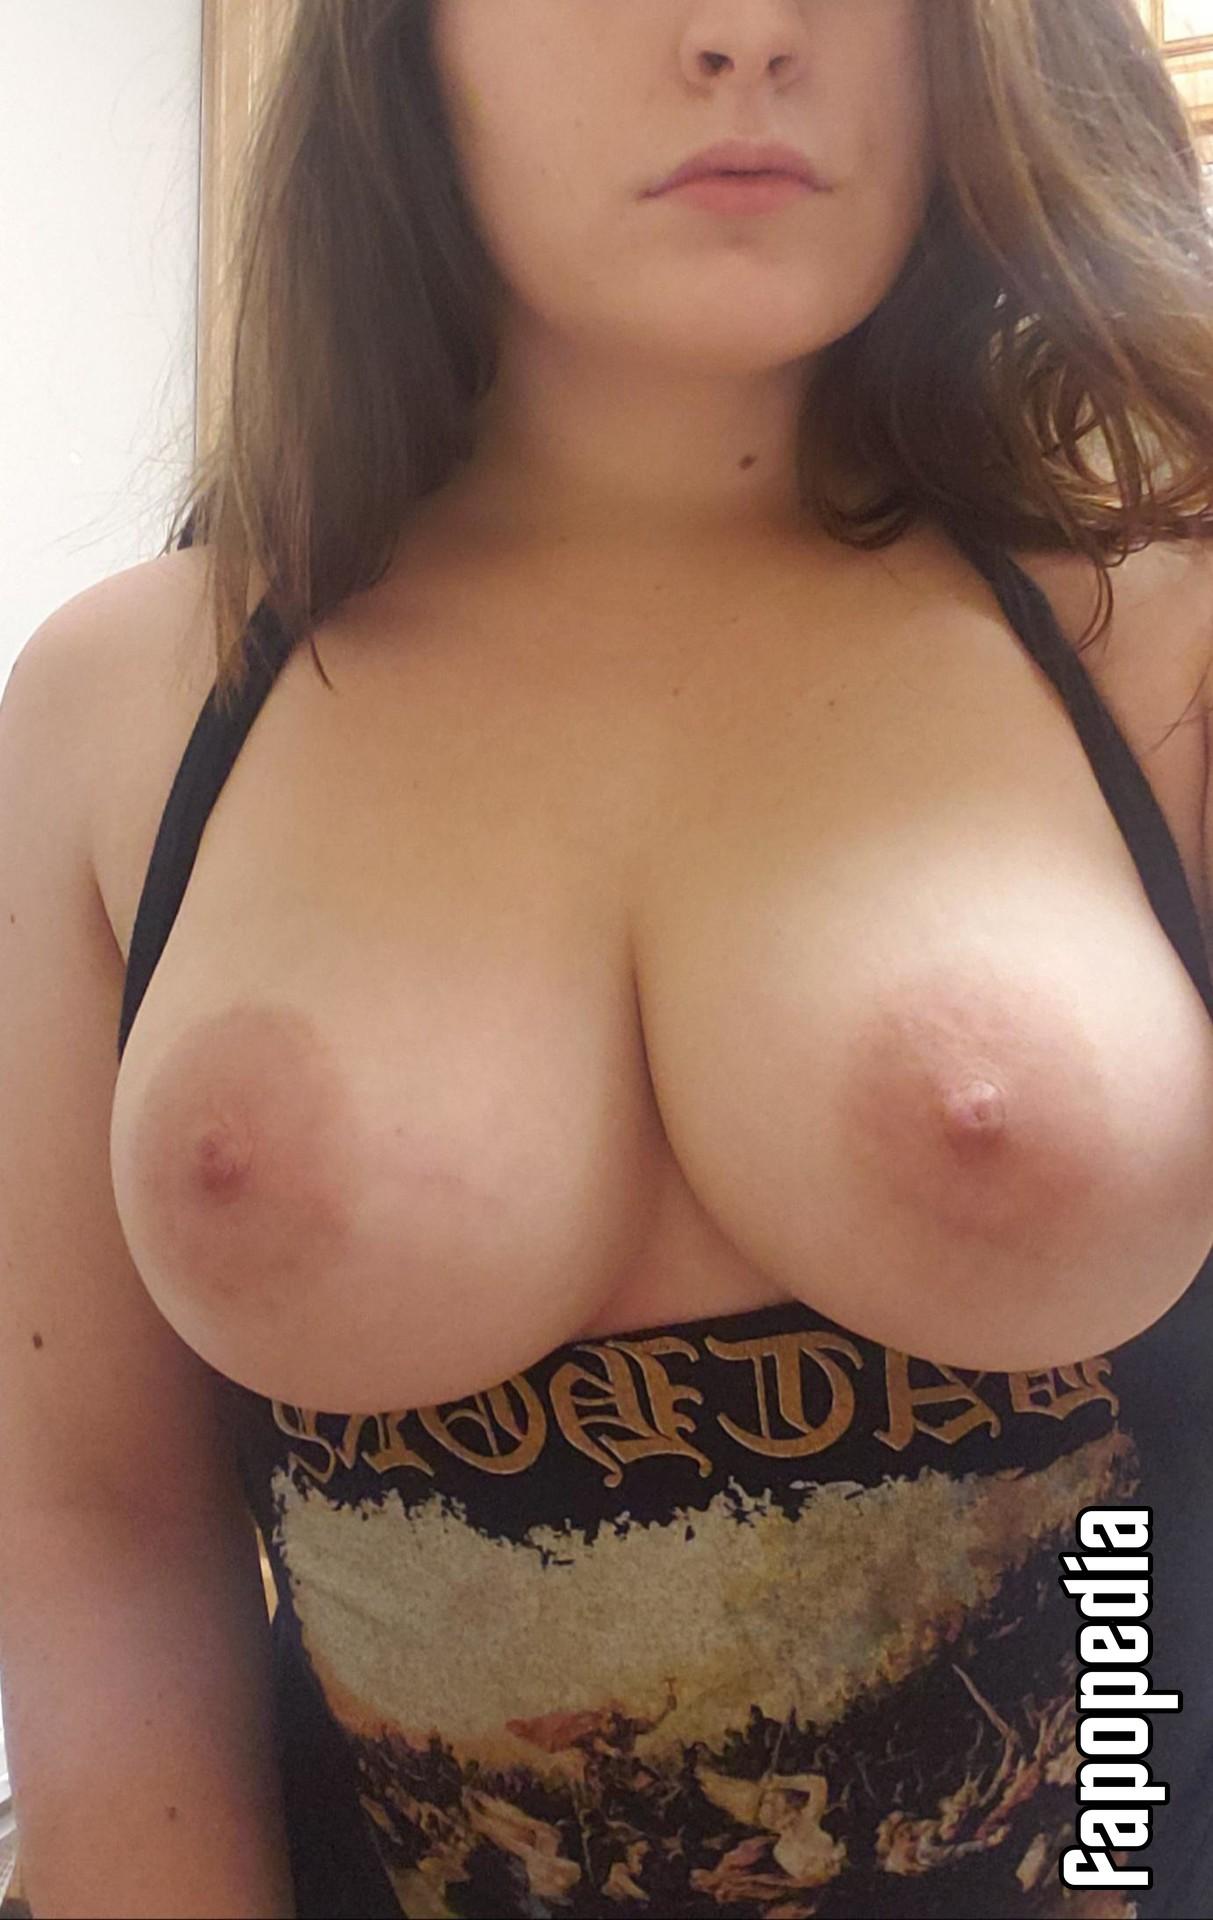 Lilmissfits420 Nude Leaks